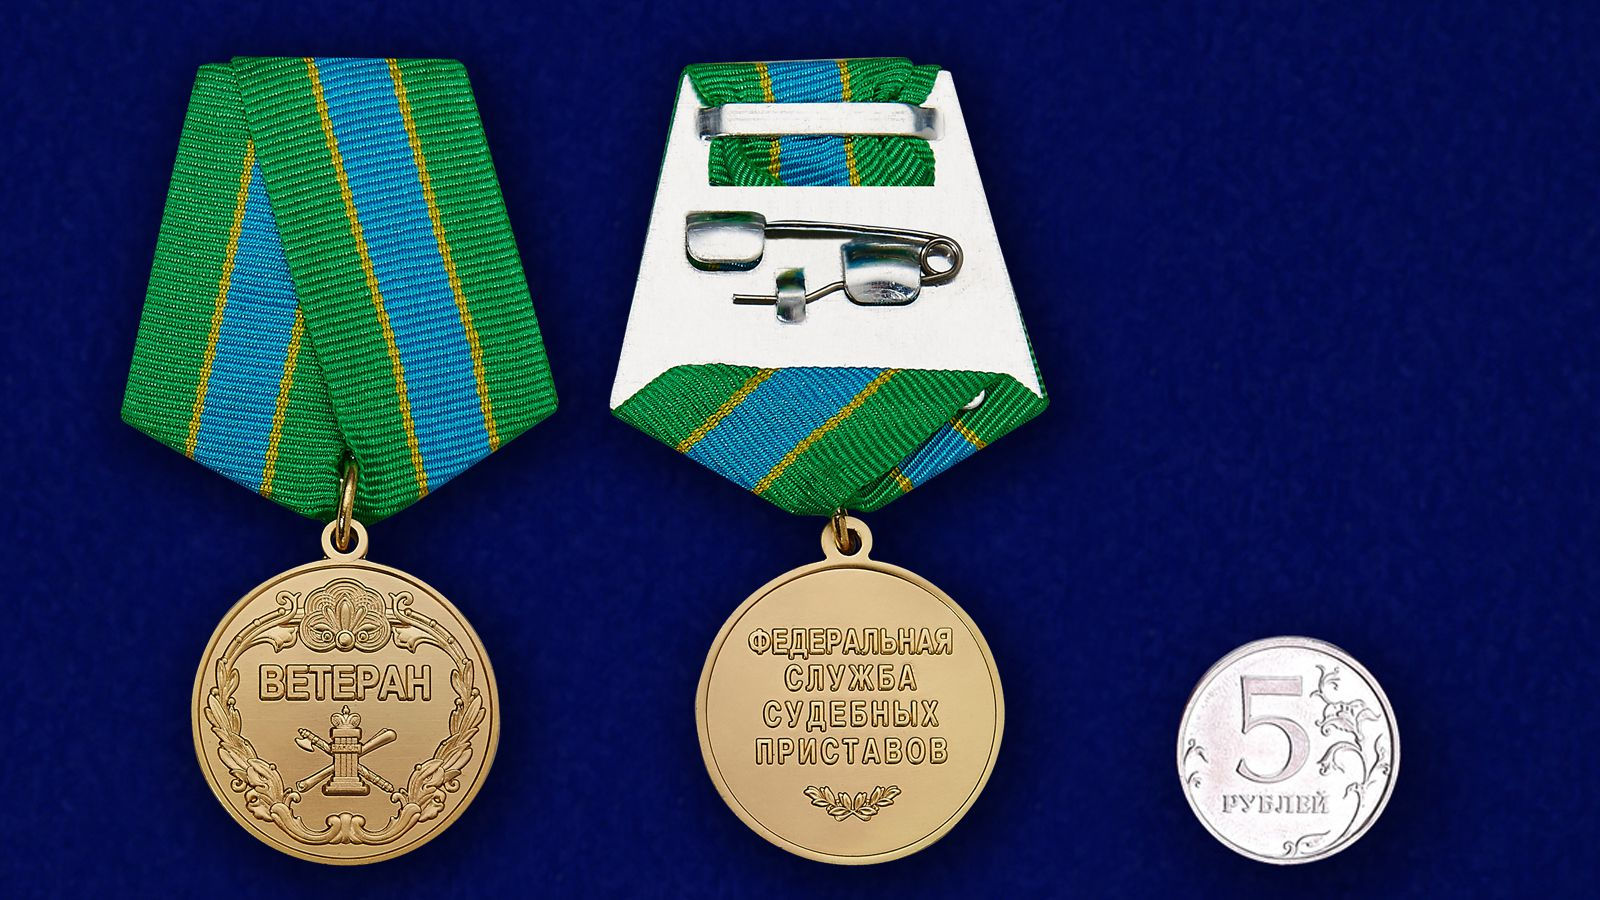 Медаль Ветеран ФССП (Федеральной службы судебных приставов) на подставке - сравнительный вид